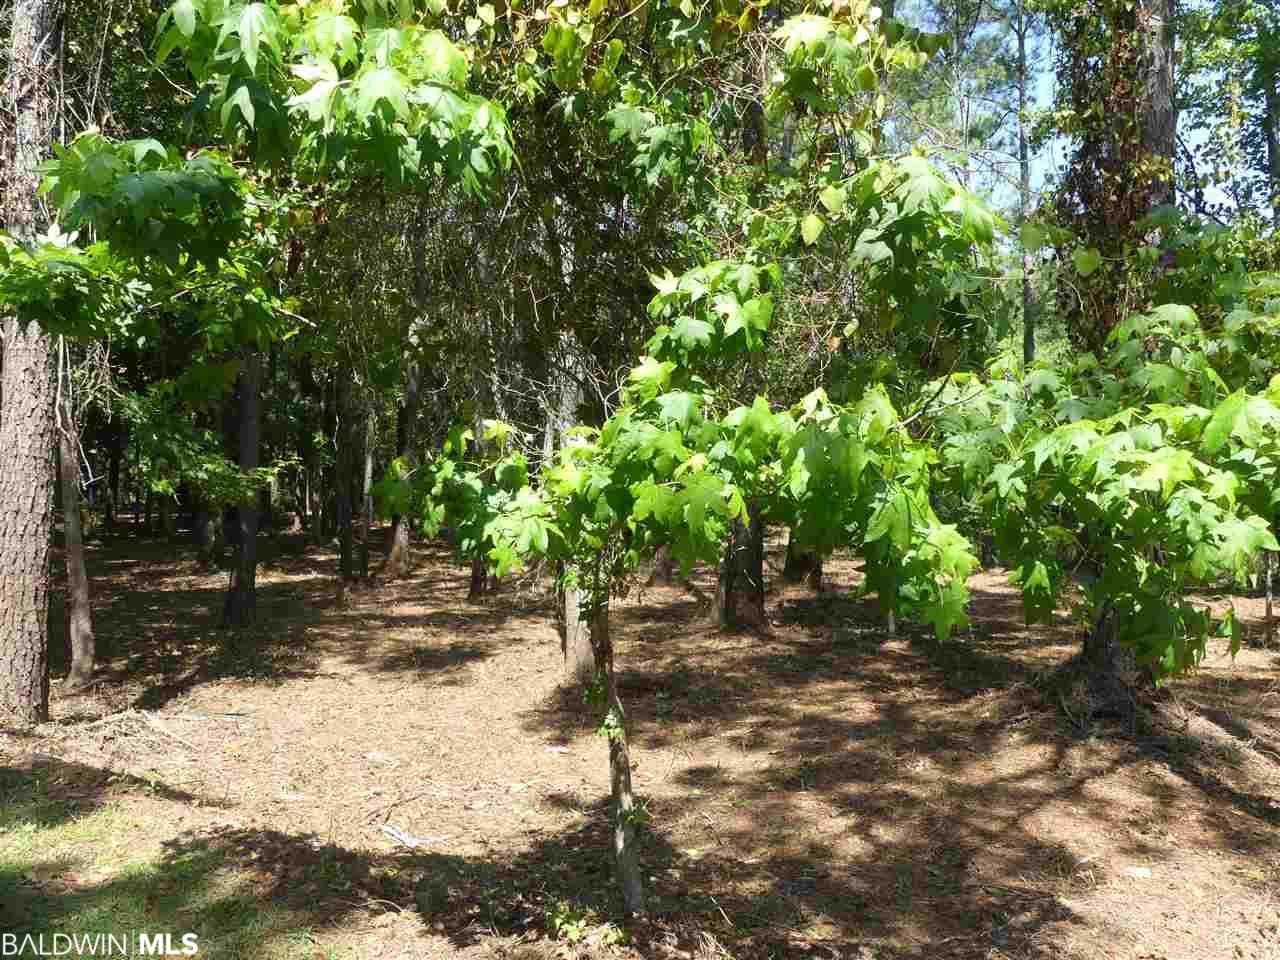 0 Mossy Oak Dr, Gulf Shores, AL 36542